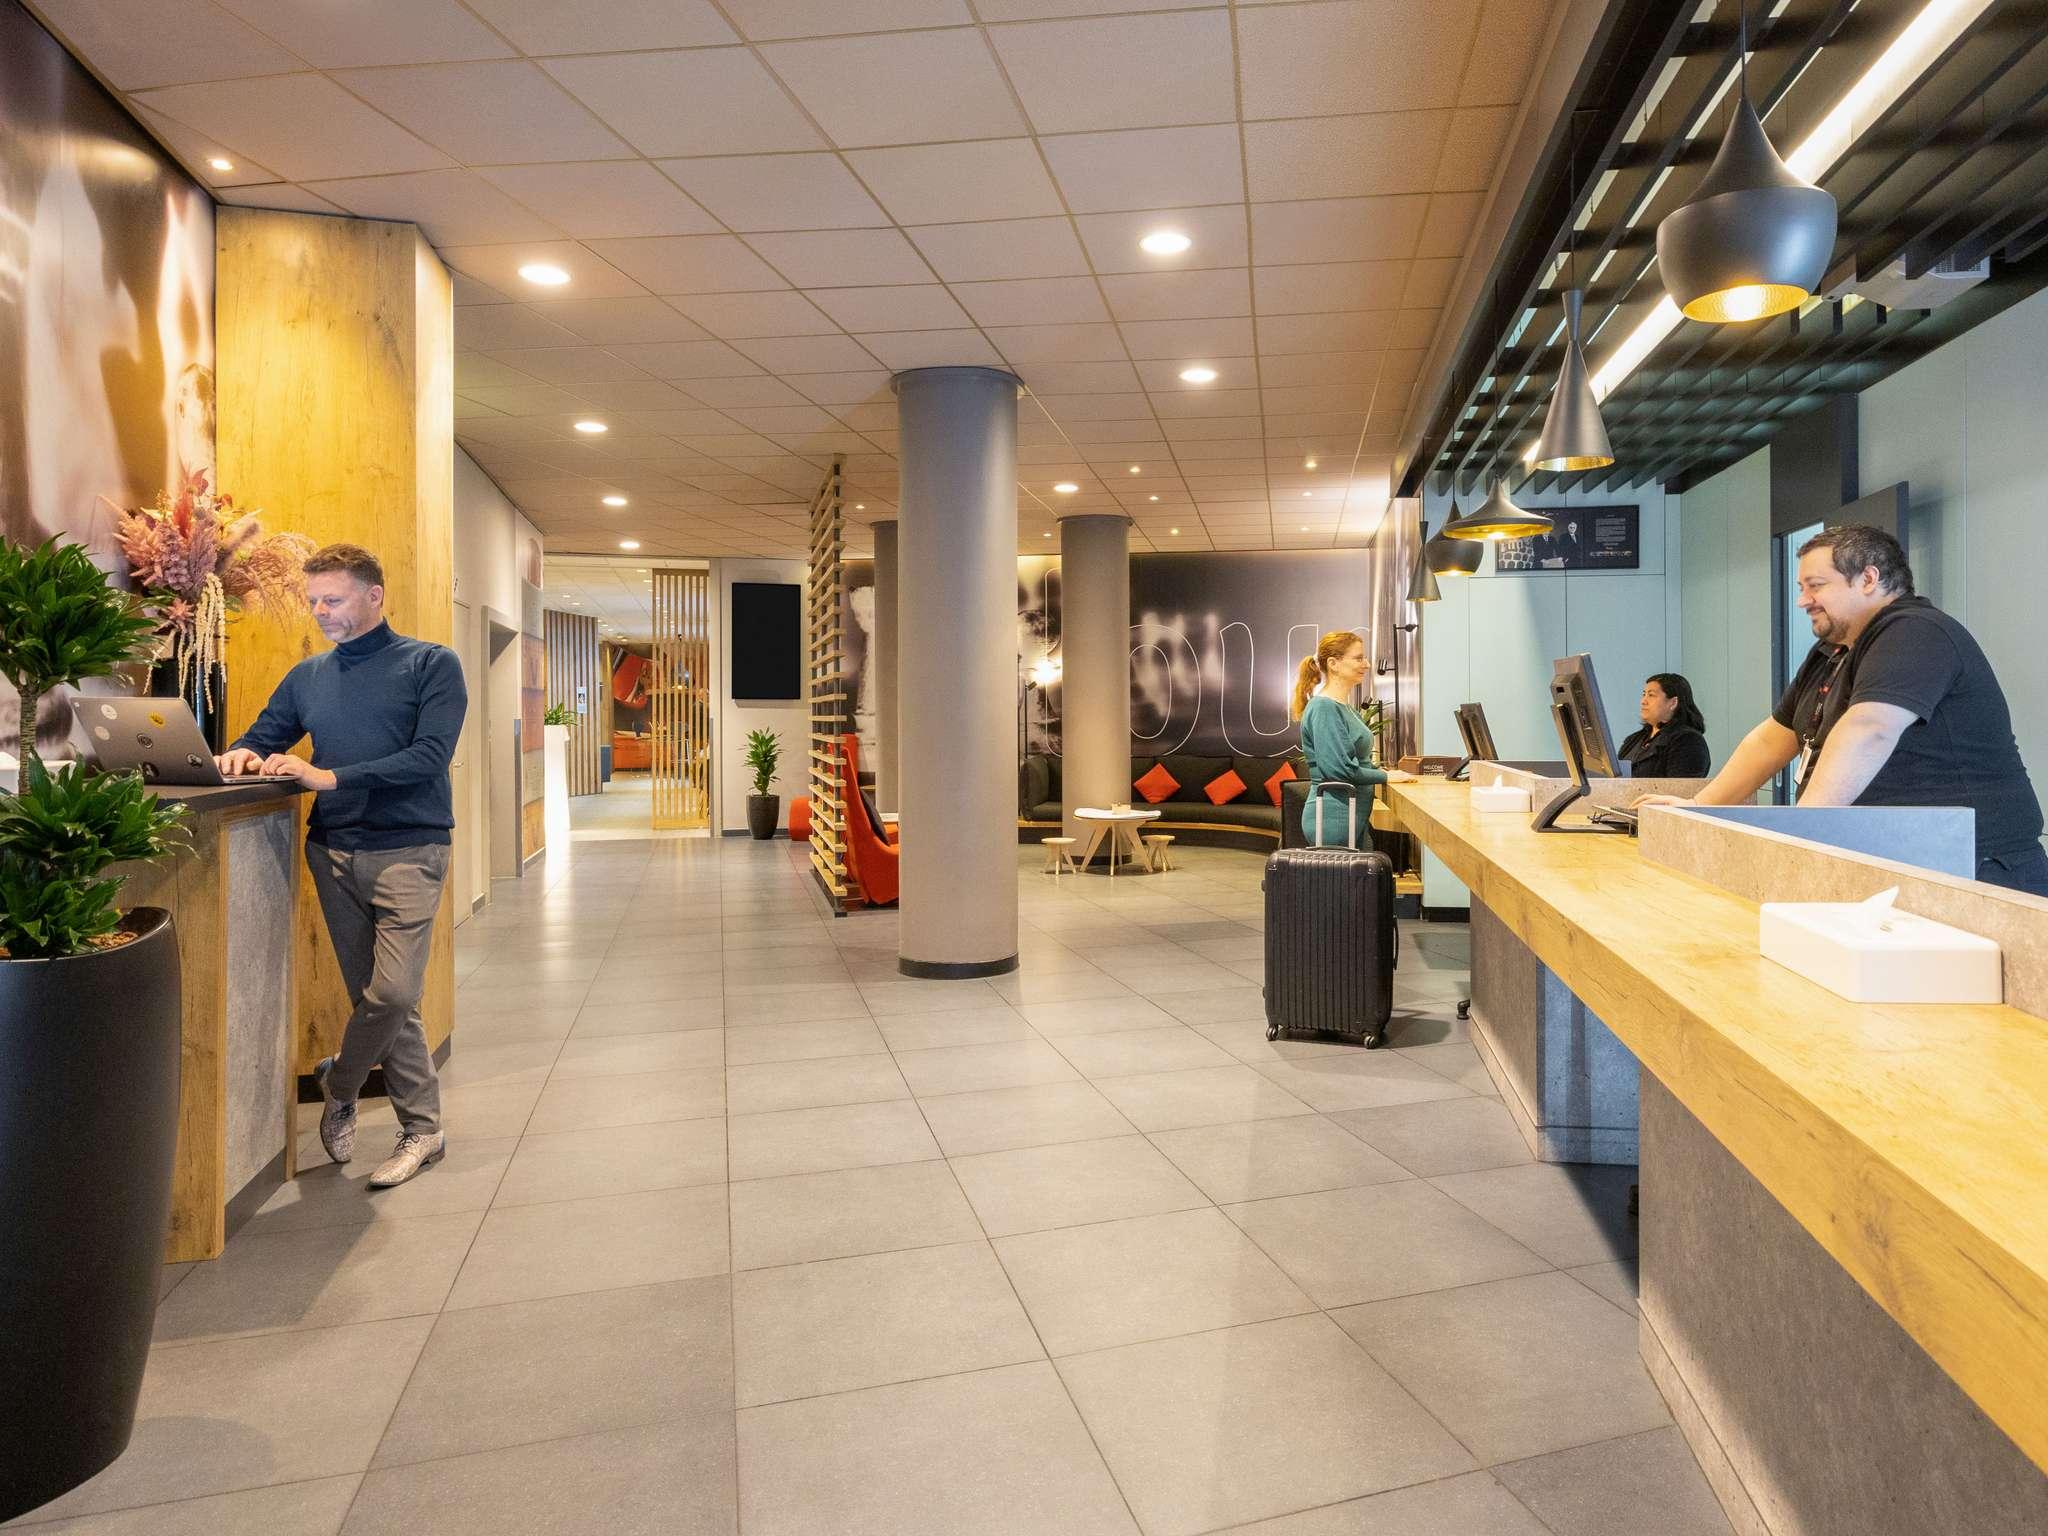 فندق - إيبيس ibis براسيلز أوف جراند بلاس